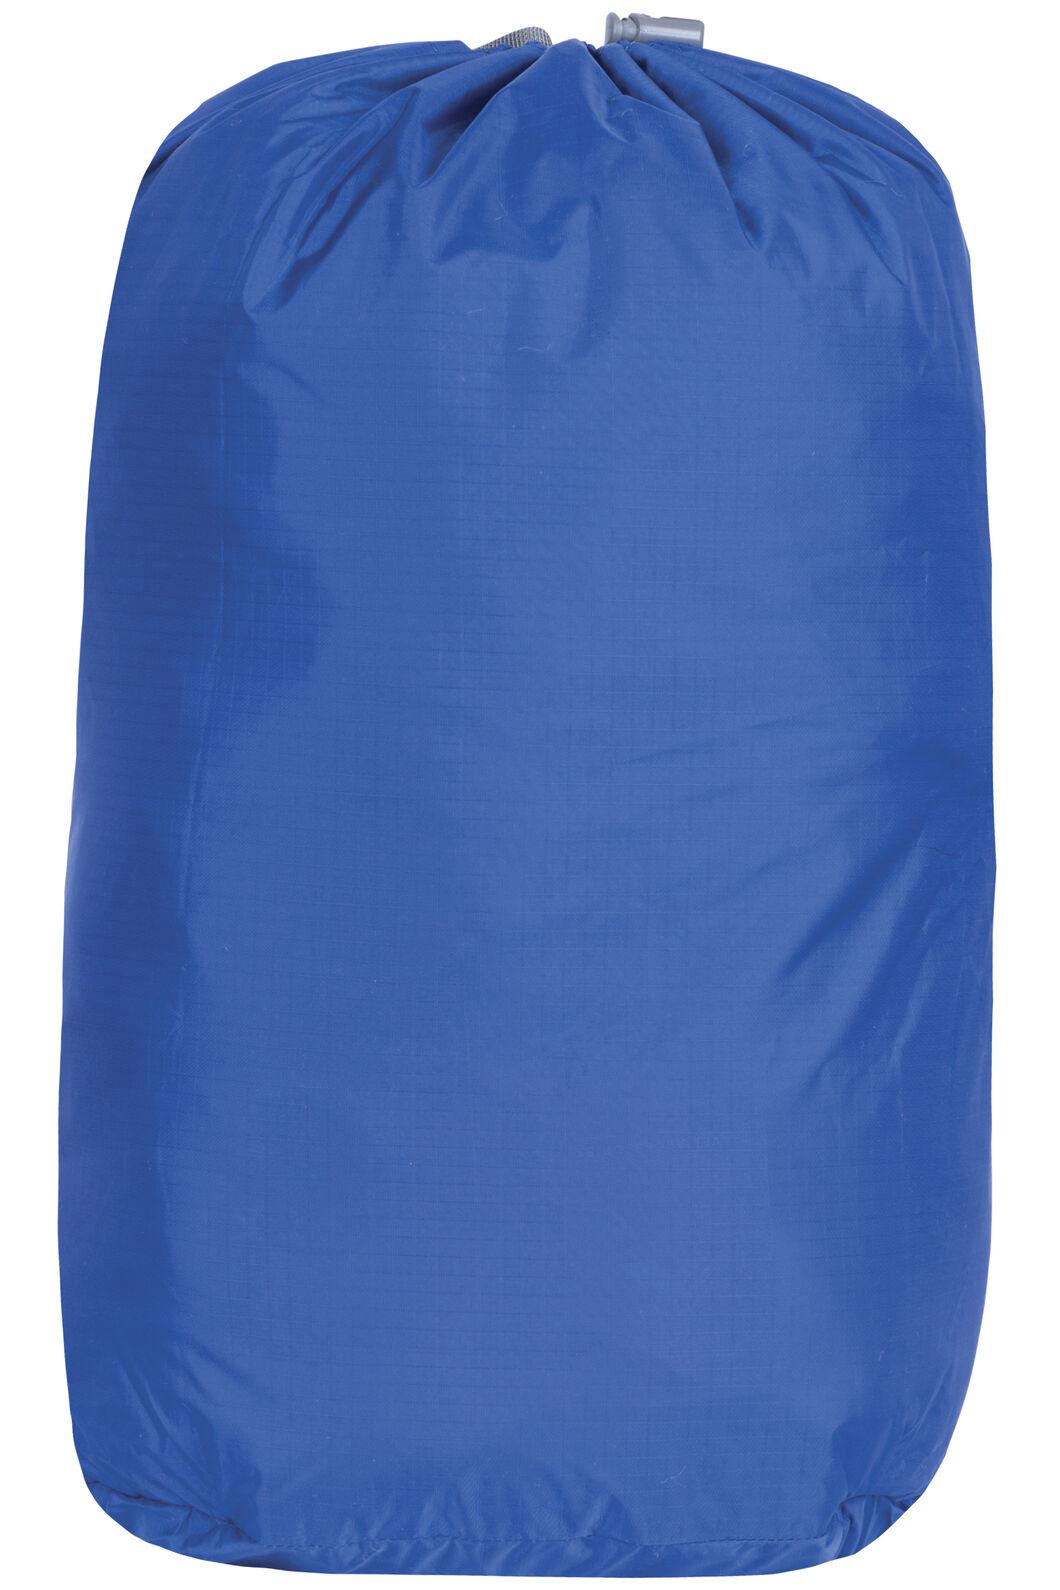 Macpac Stuff Sack XL, Sodalite Blue, hi-res